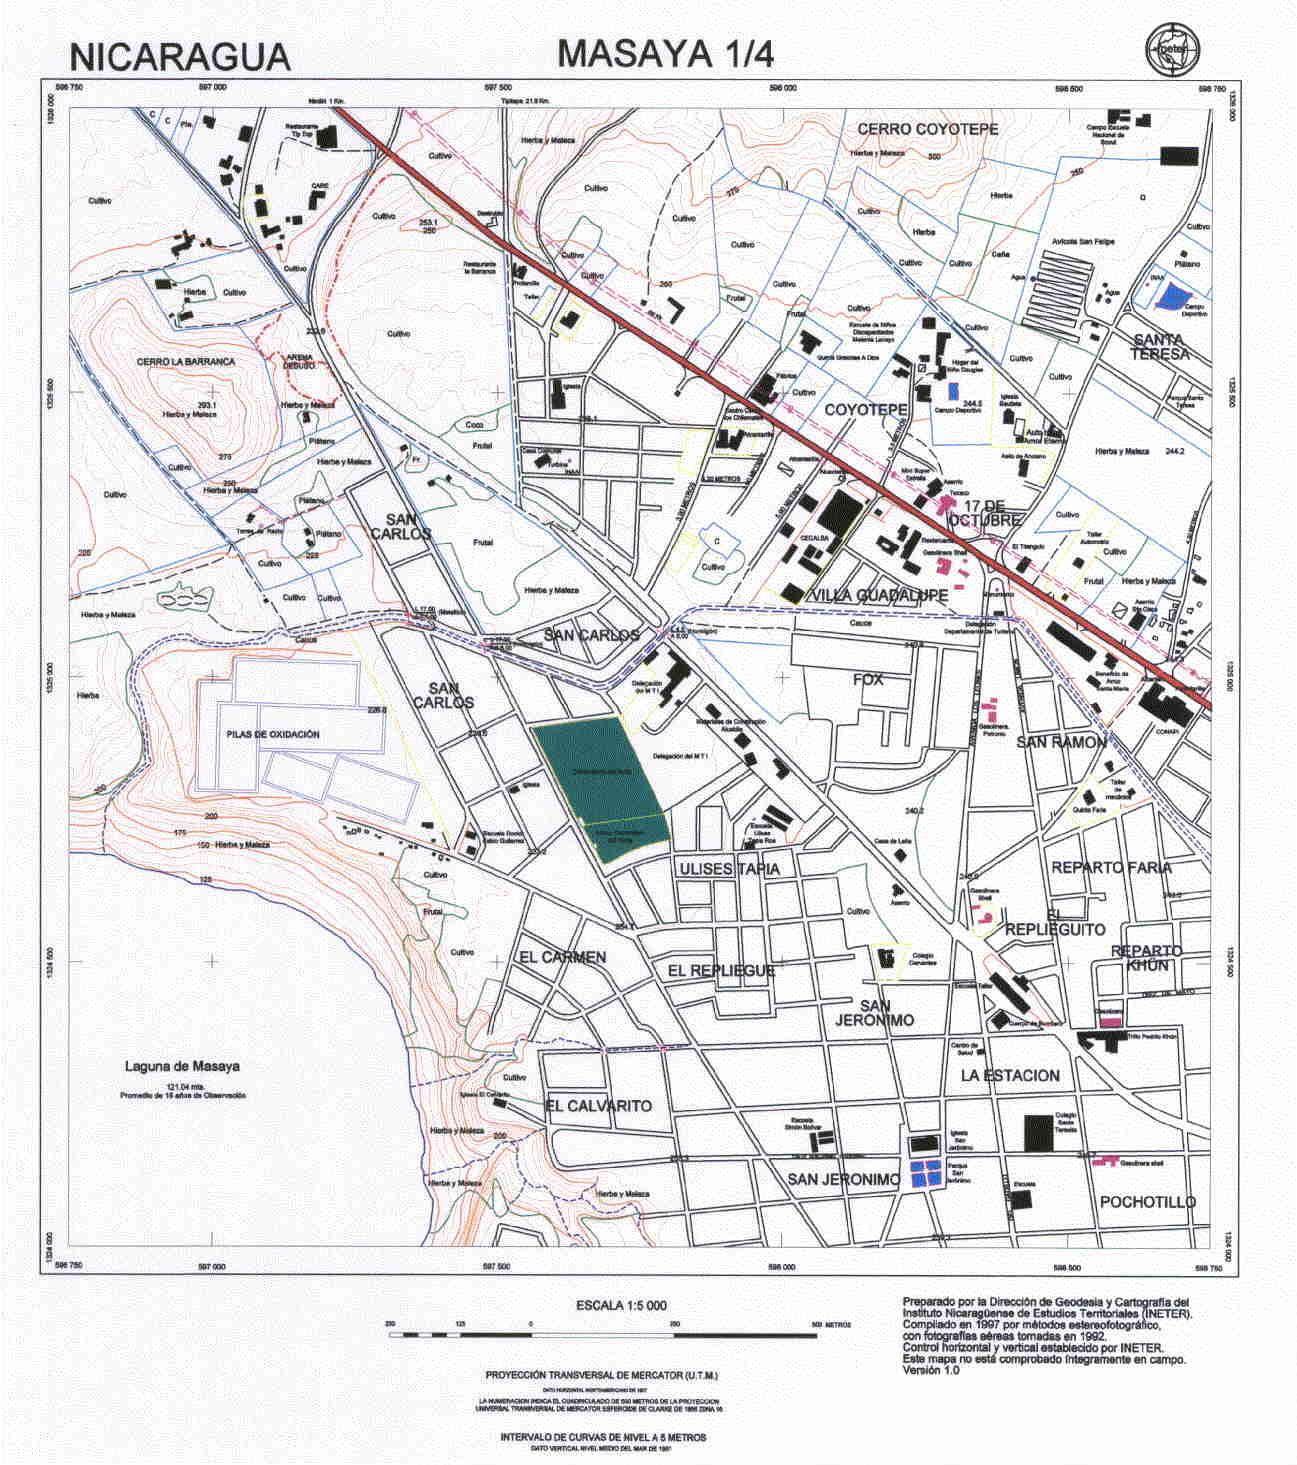 Masaya Northwest Quadrant Map, Nicaragua